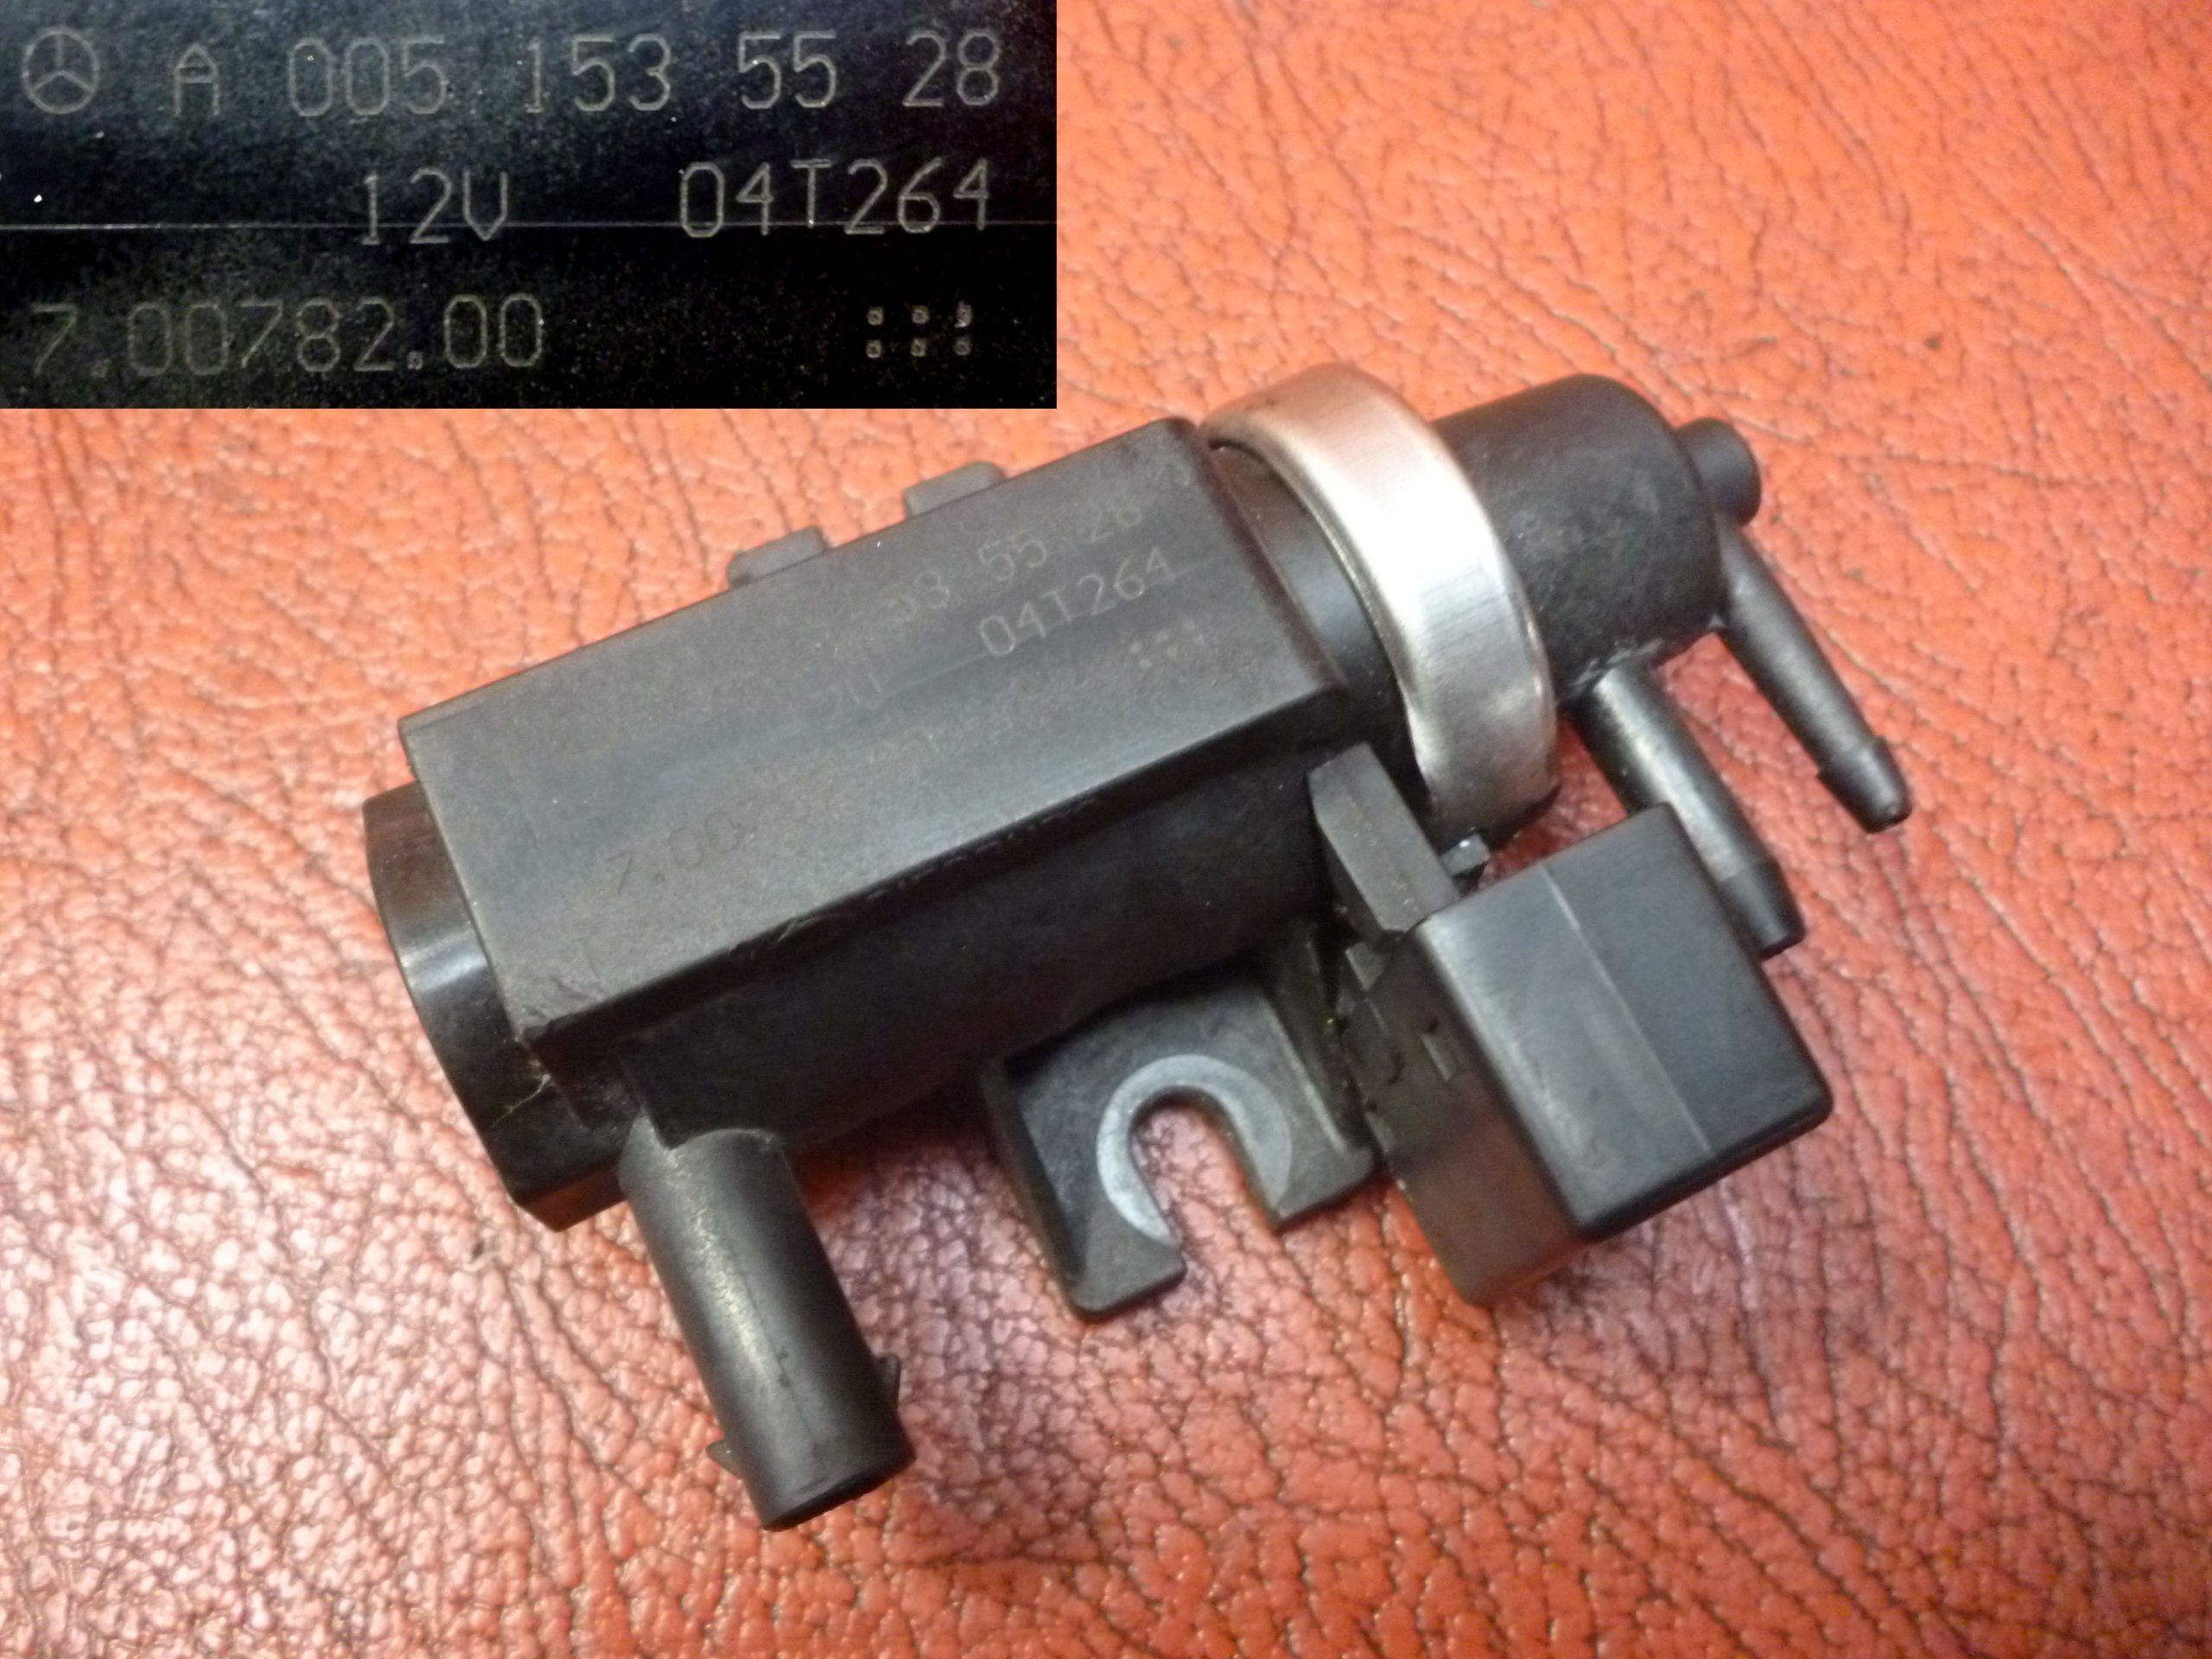 Elektrozawór Mercedes 1.5 DiD 1.8 CDI A0051535528